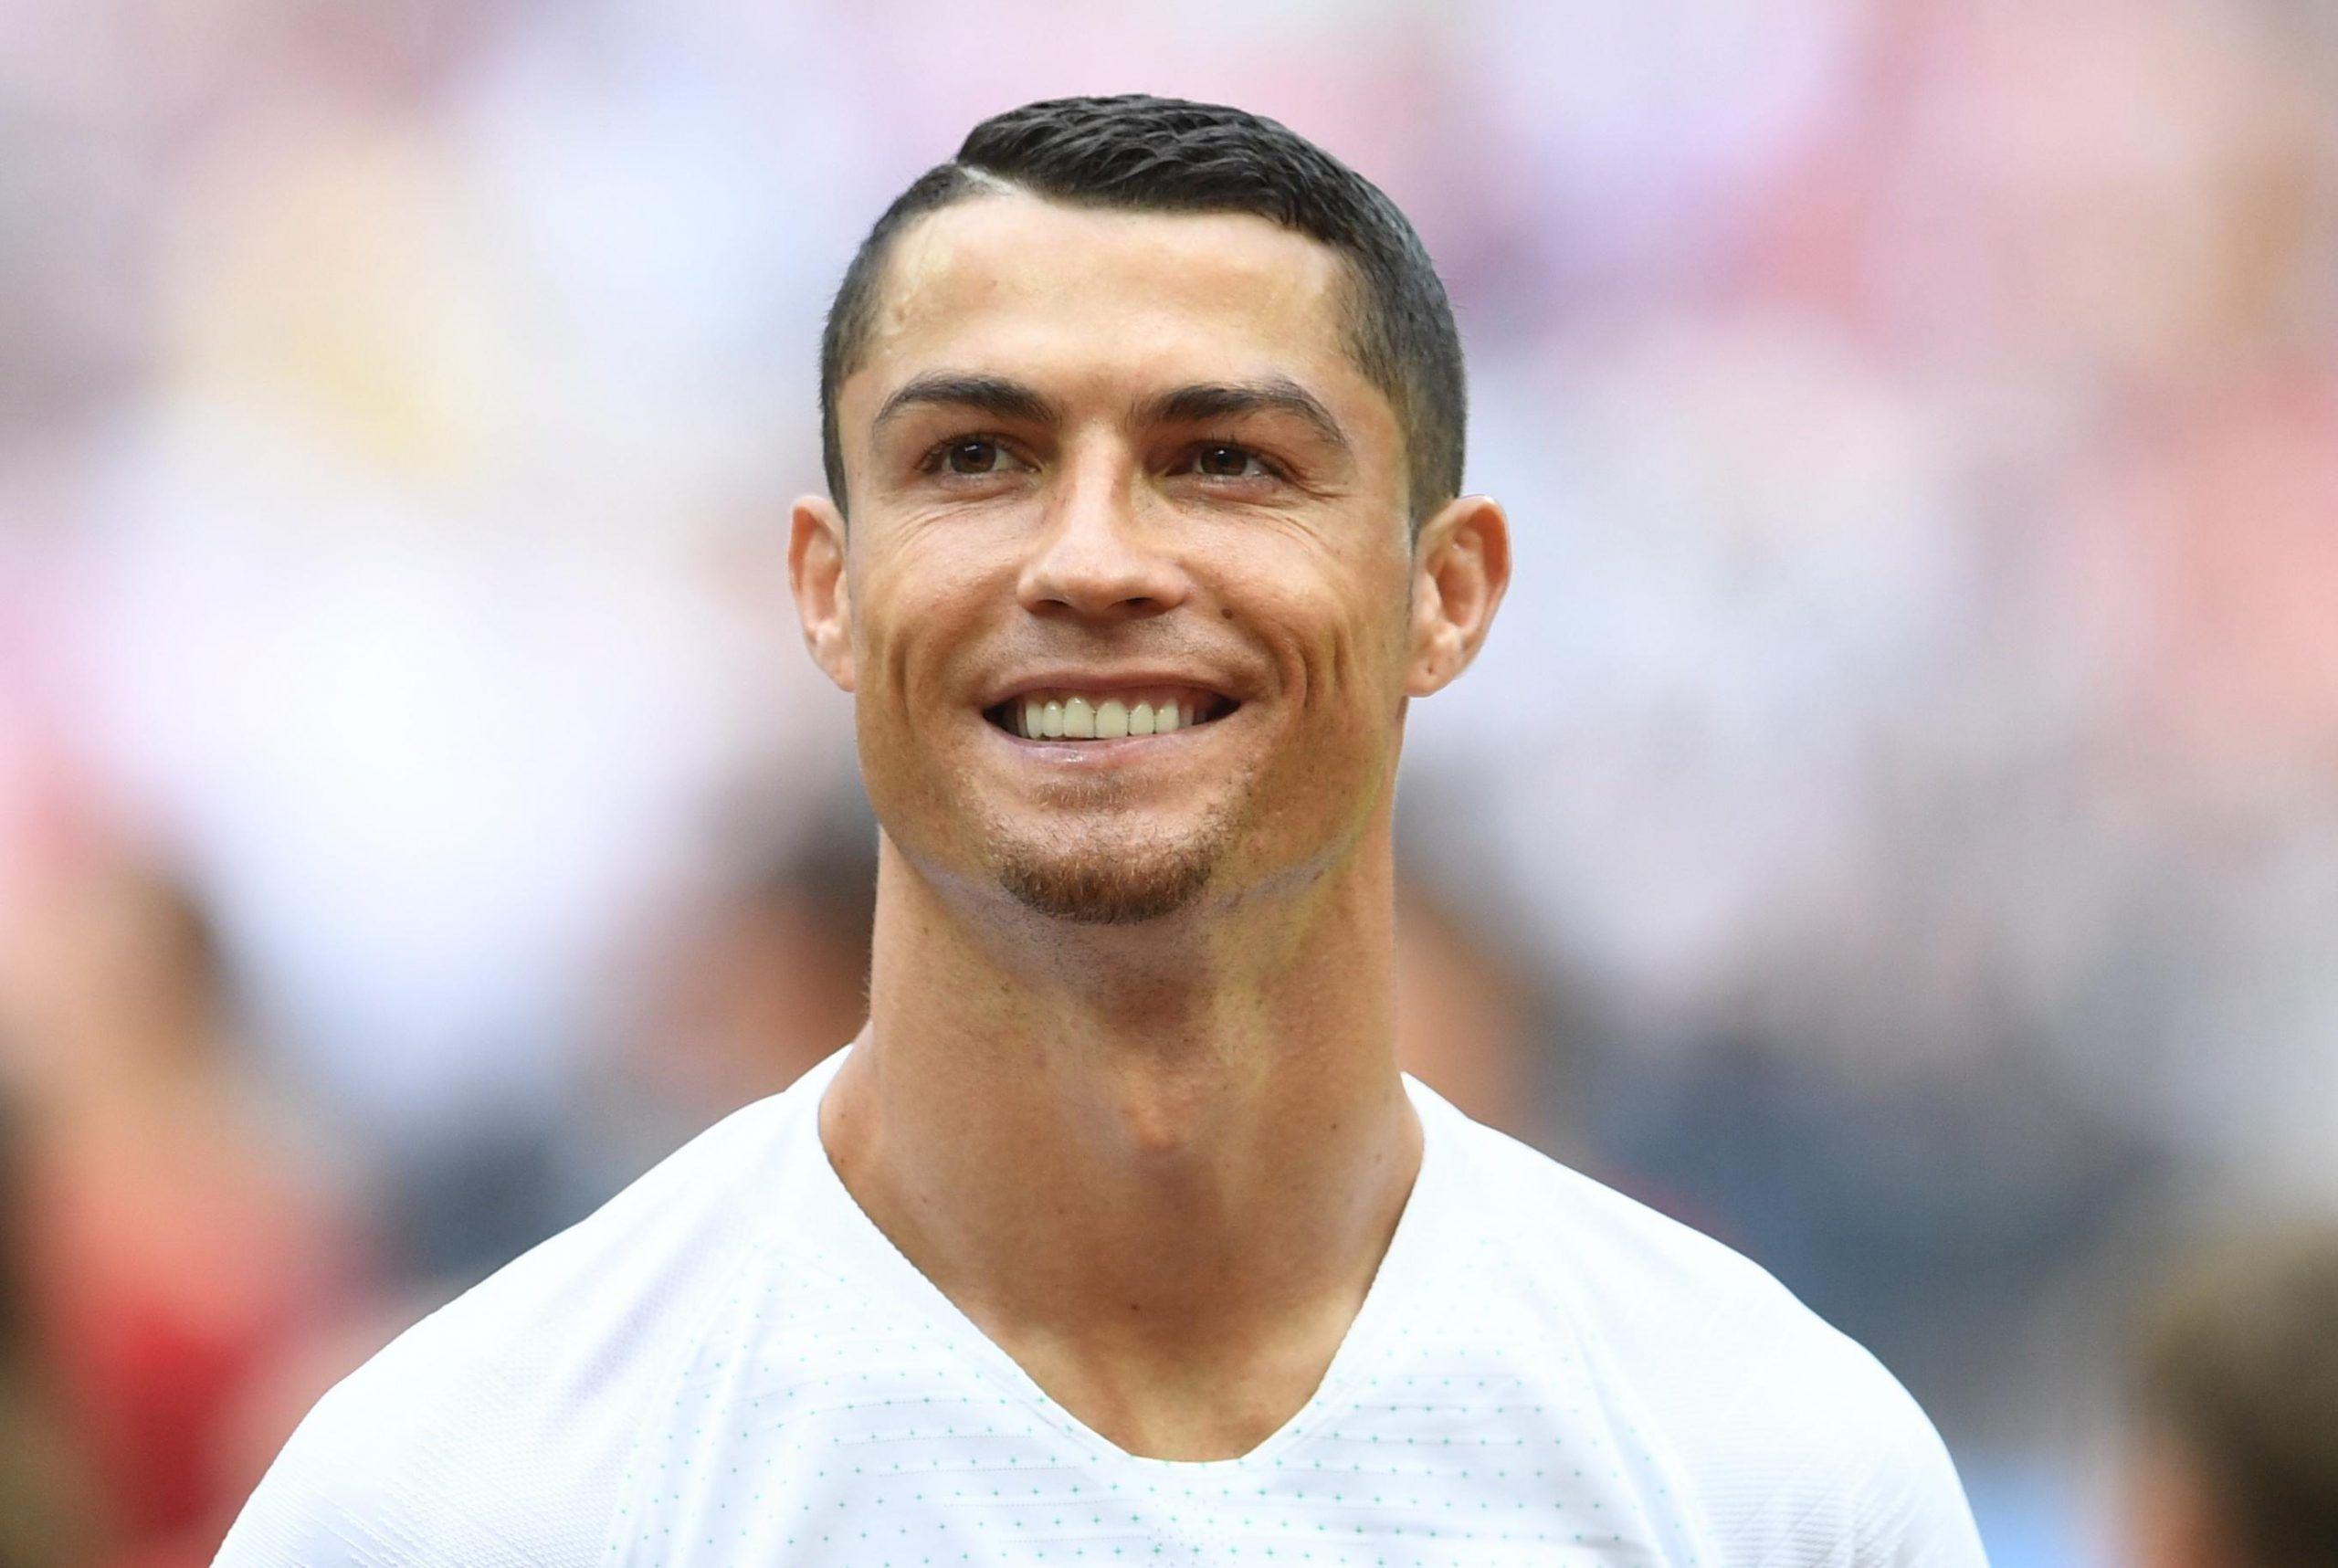 Cristiano Ronaldo è della Juventus: ufficiale il trasferimento per 105 mln